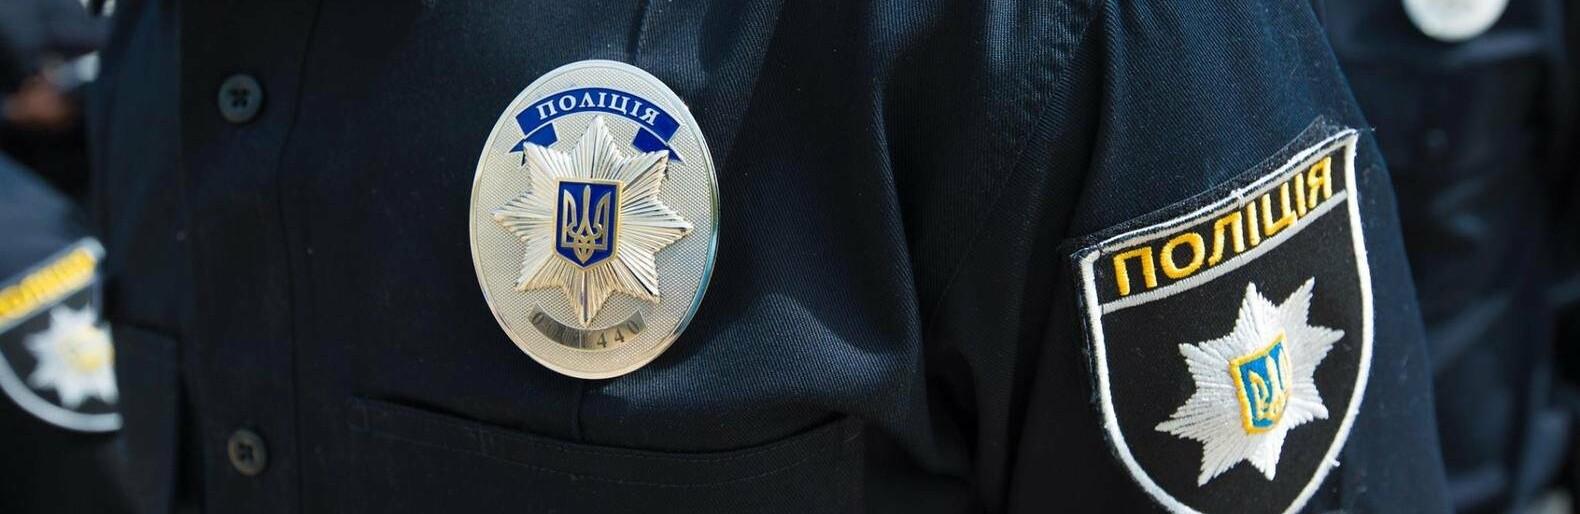 В Одессе задержали нетрезвого водителя без прав, который вёз в авто...0